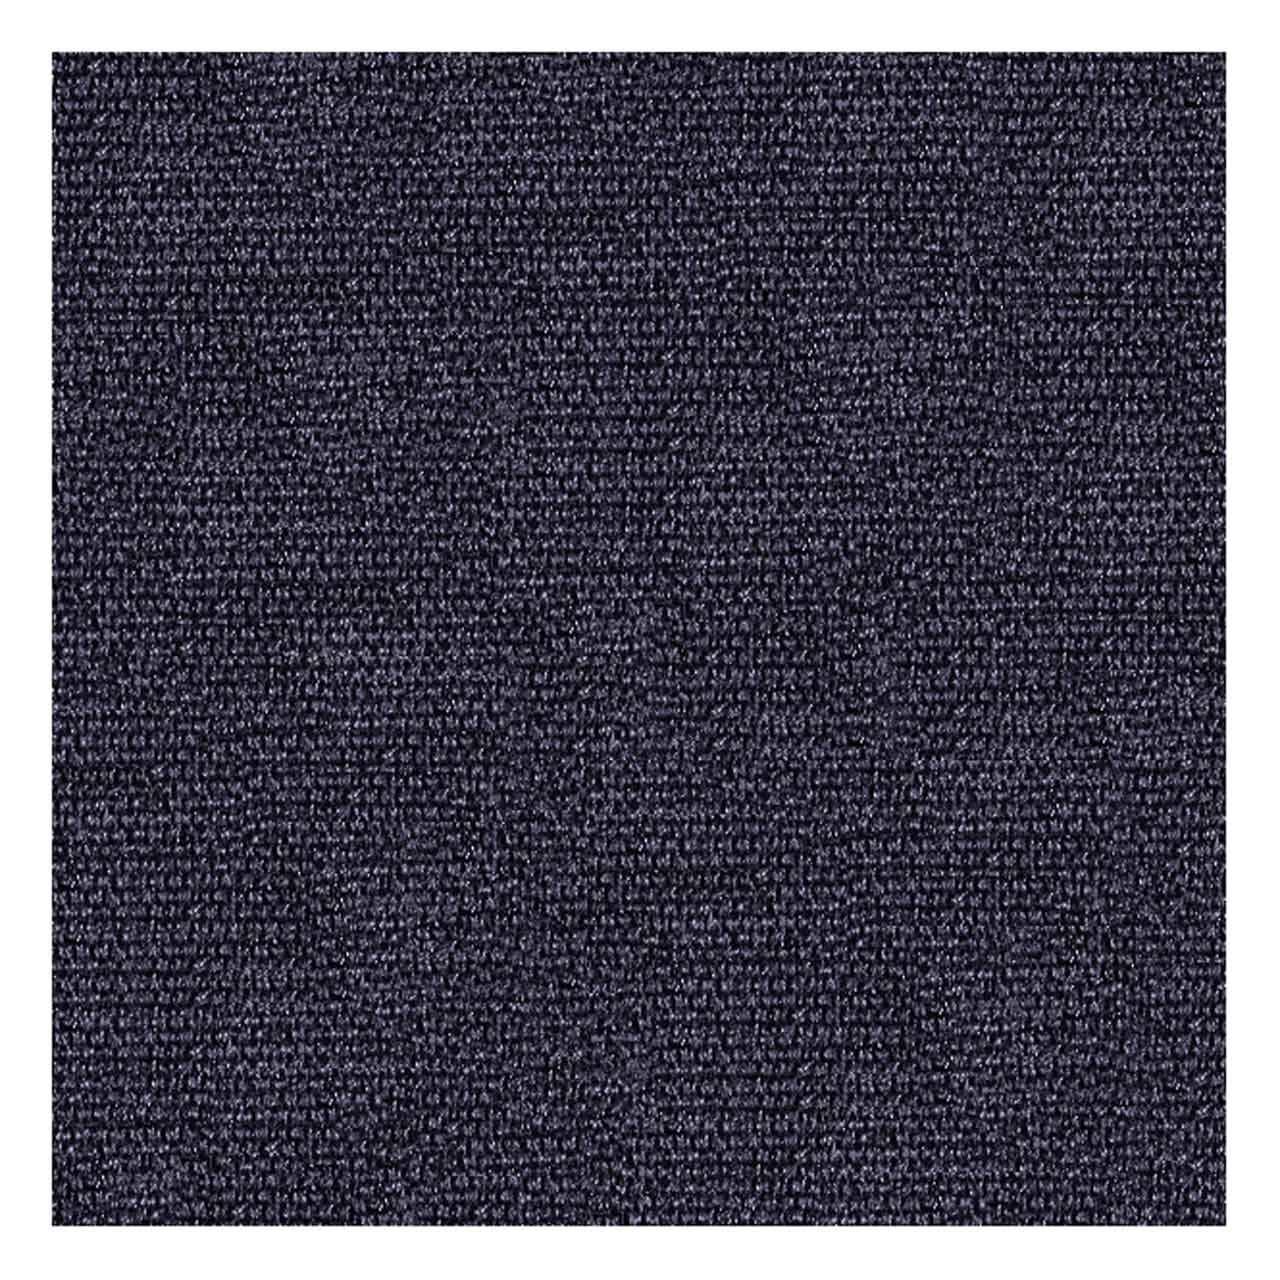 Tillman 596B Heavy Duty Welding Blanket - 6' X 8' by Tillman